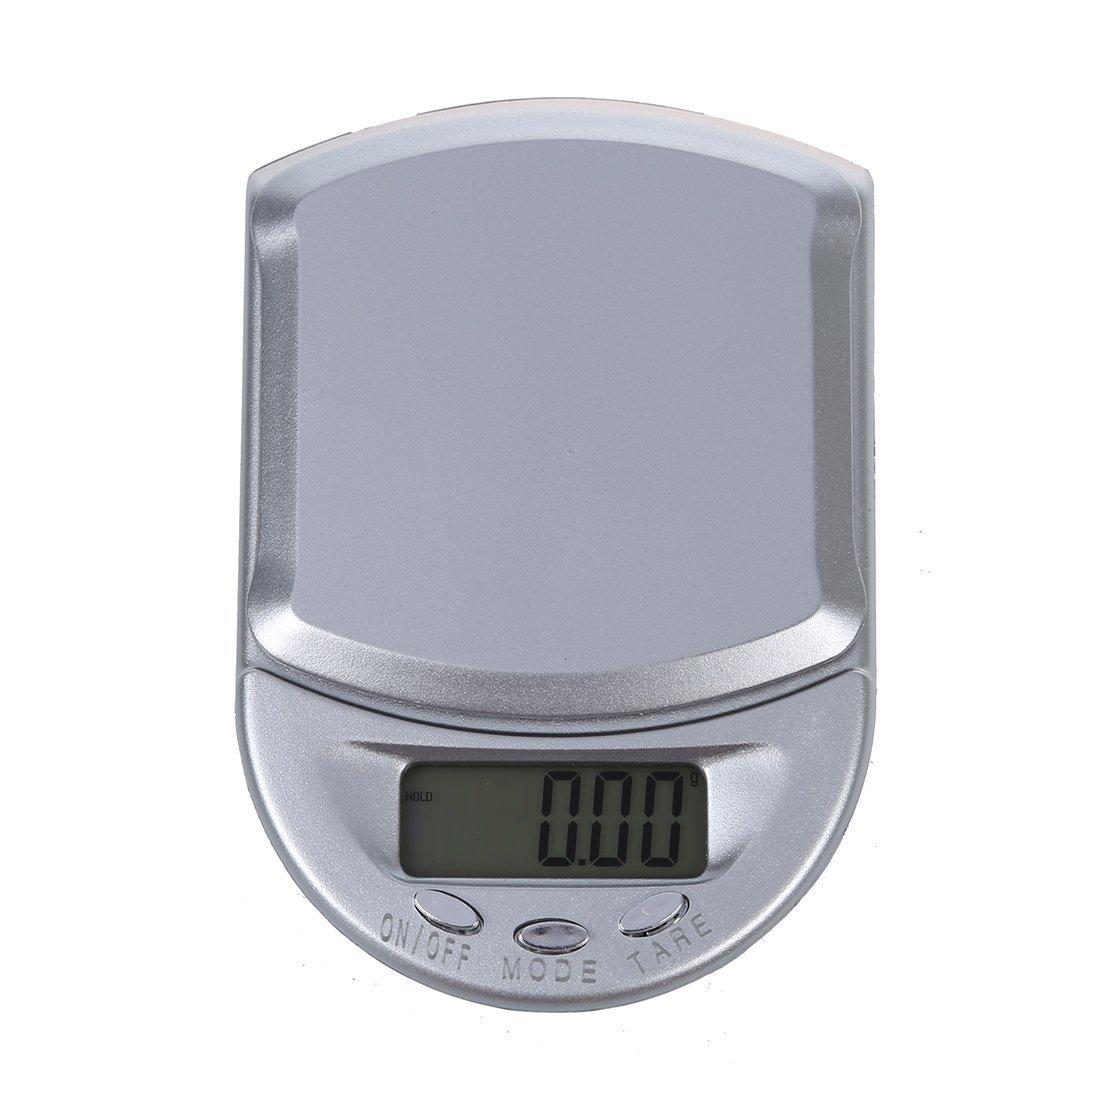 SODIAL(R) 100g / 0, 01g Precision Digital Balance Portable Pour Bijoux avec 2 piles LEPEA4698